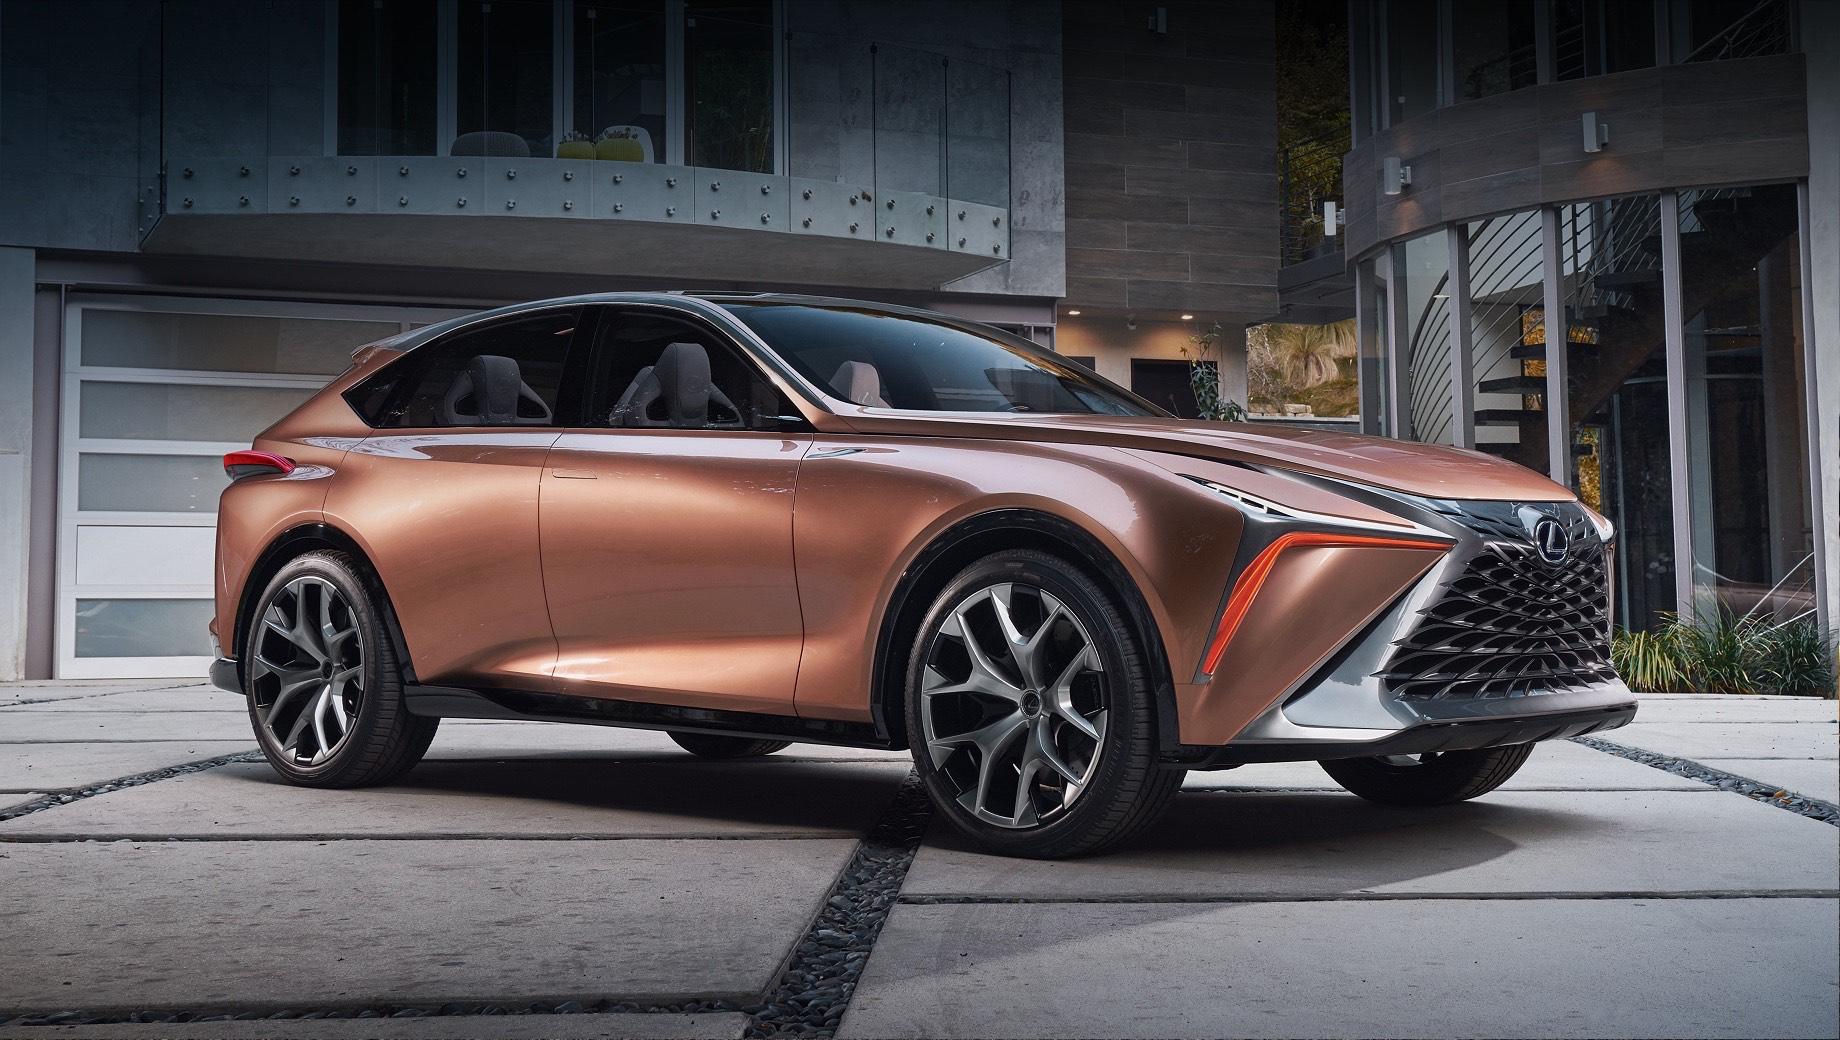 Lexus lq,Lexus lf-1. Ожидается, что Lexus LQ поступит в продажу на крупнейшие рынки в 2022 году. В Японии, судя по сообщениям местной прессы, цены будут варьироваться от 15 до 20 млн иен (от 10,6 до 14 млн рублей). Для справки, BMW X7 стоит от 10 990 000 иен (7,8 млн рублей), а Range Rover — 14 930 000 (10,6 млн).